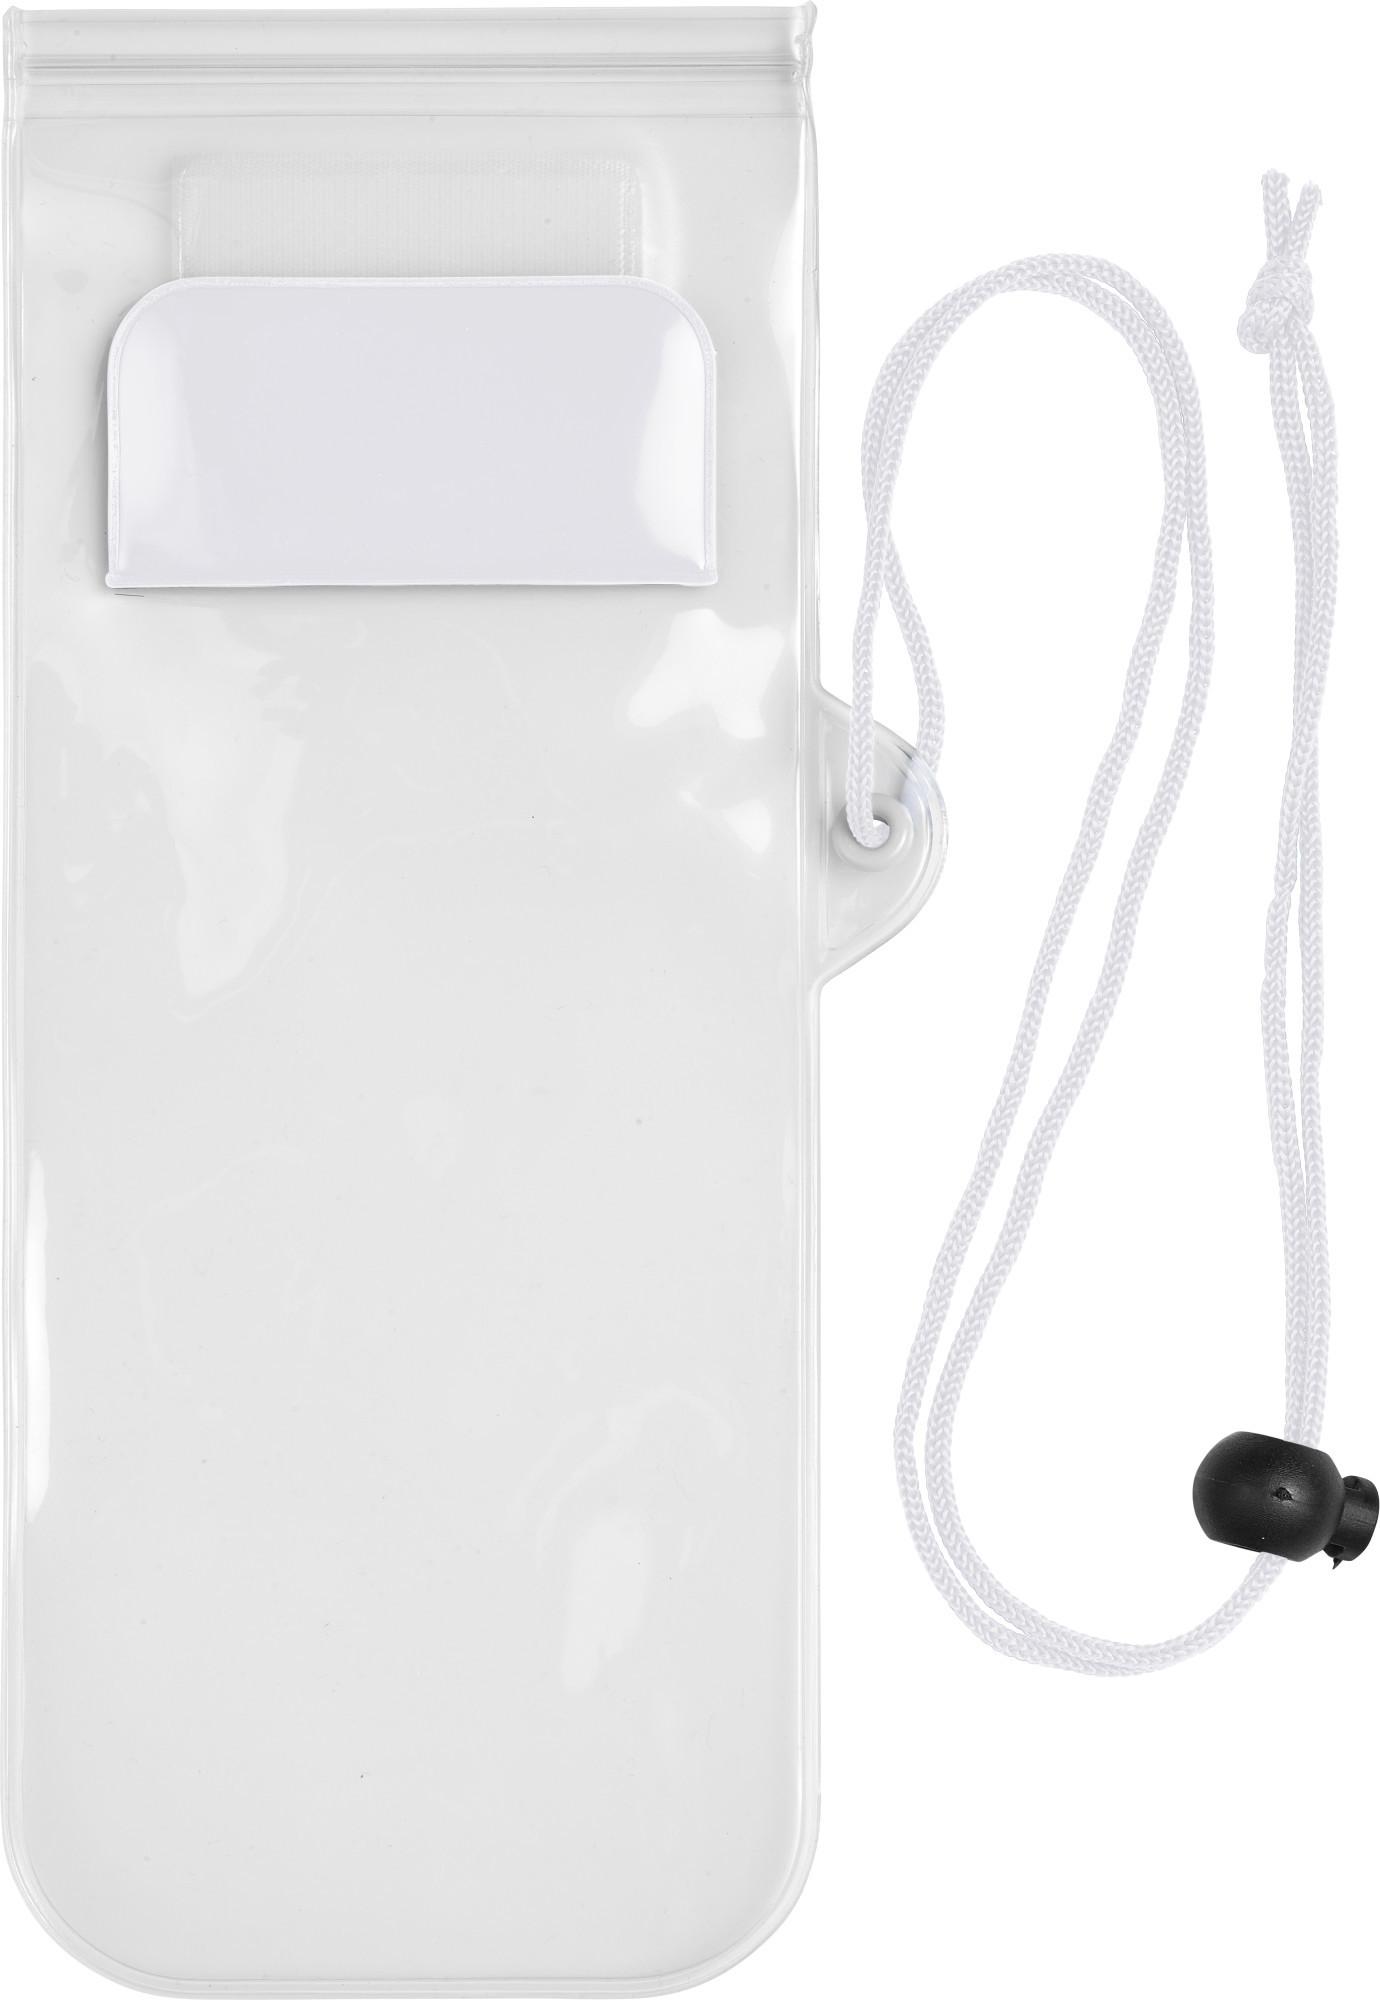 Étui waterproof en PVC pour smartphone - 19-1252-23